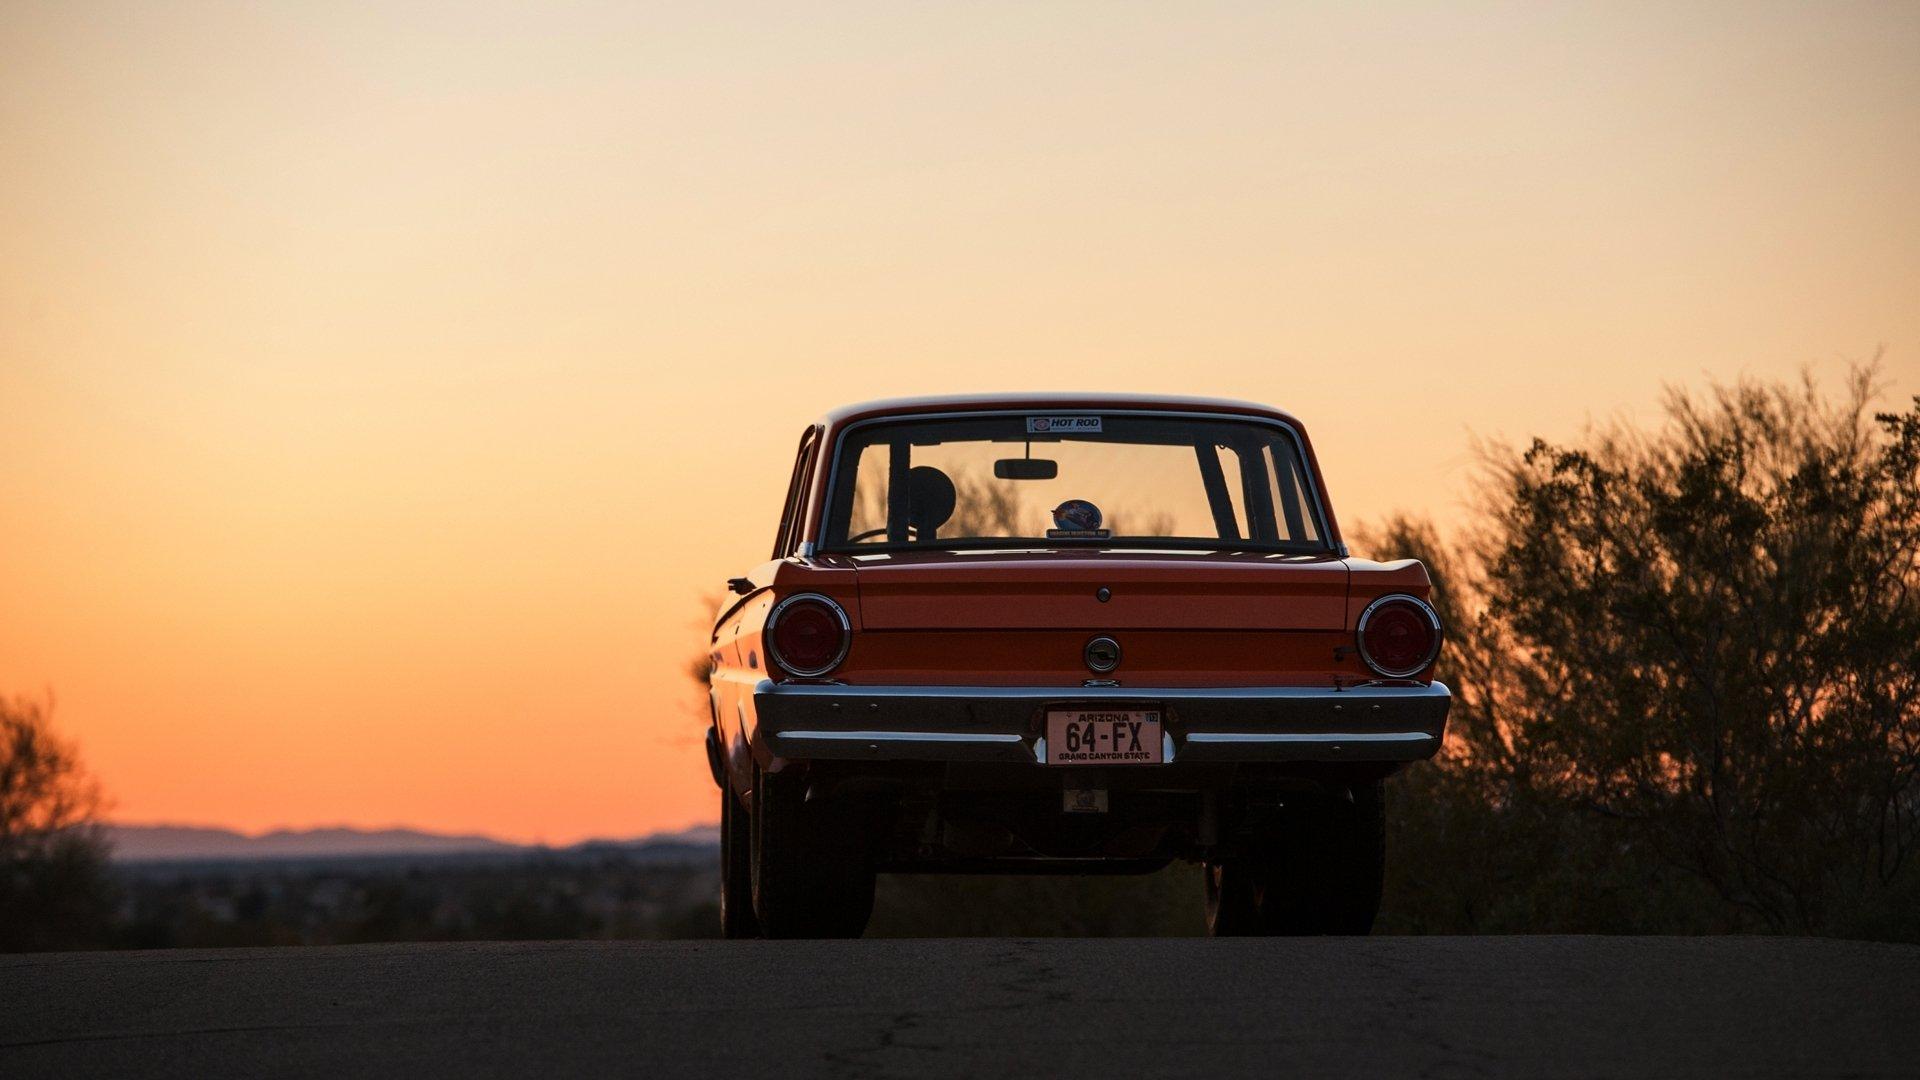 1964 Ford Falcon Fondo De Pantalla Hd Fondo De Escritorio 1920x1080 Id 395033 Wallpaper Abyss